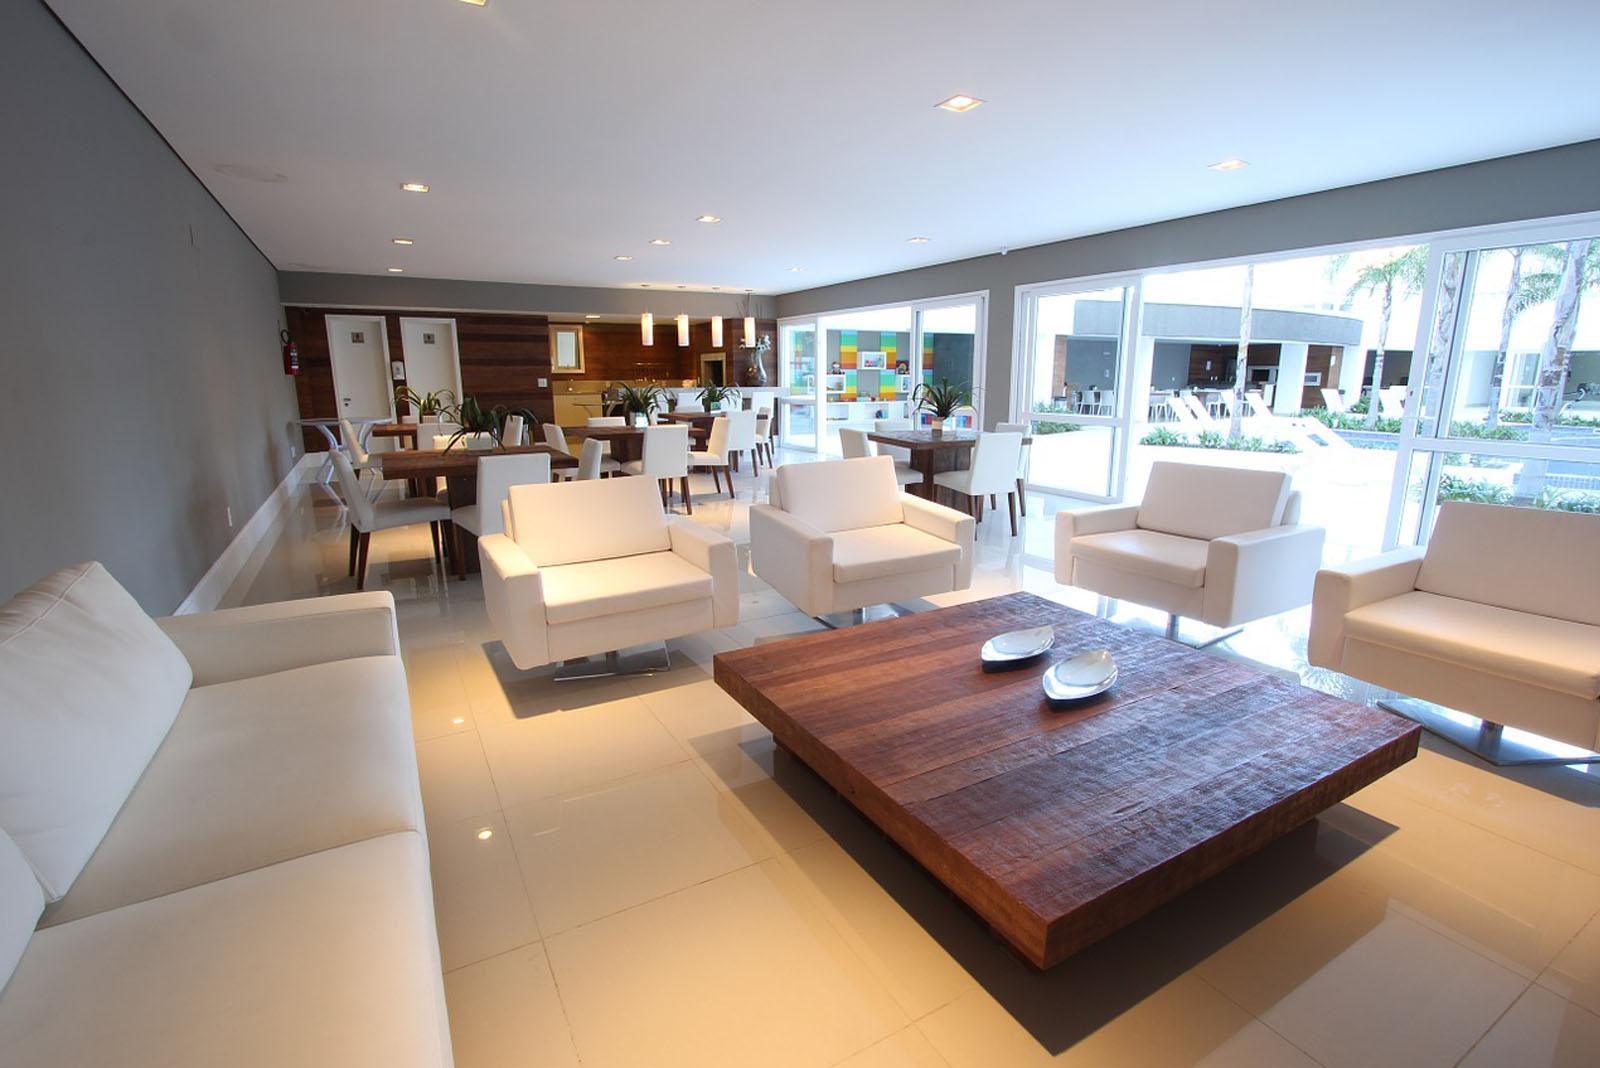 Living Room Kincir Bali WP 5